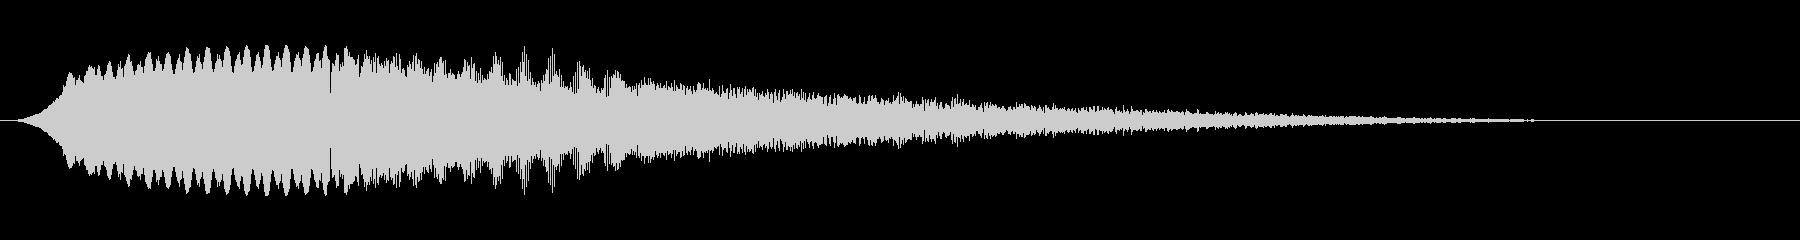 ディスコサイレン タイプCの未再生の波形